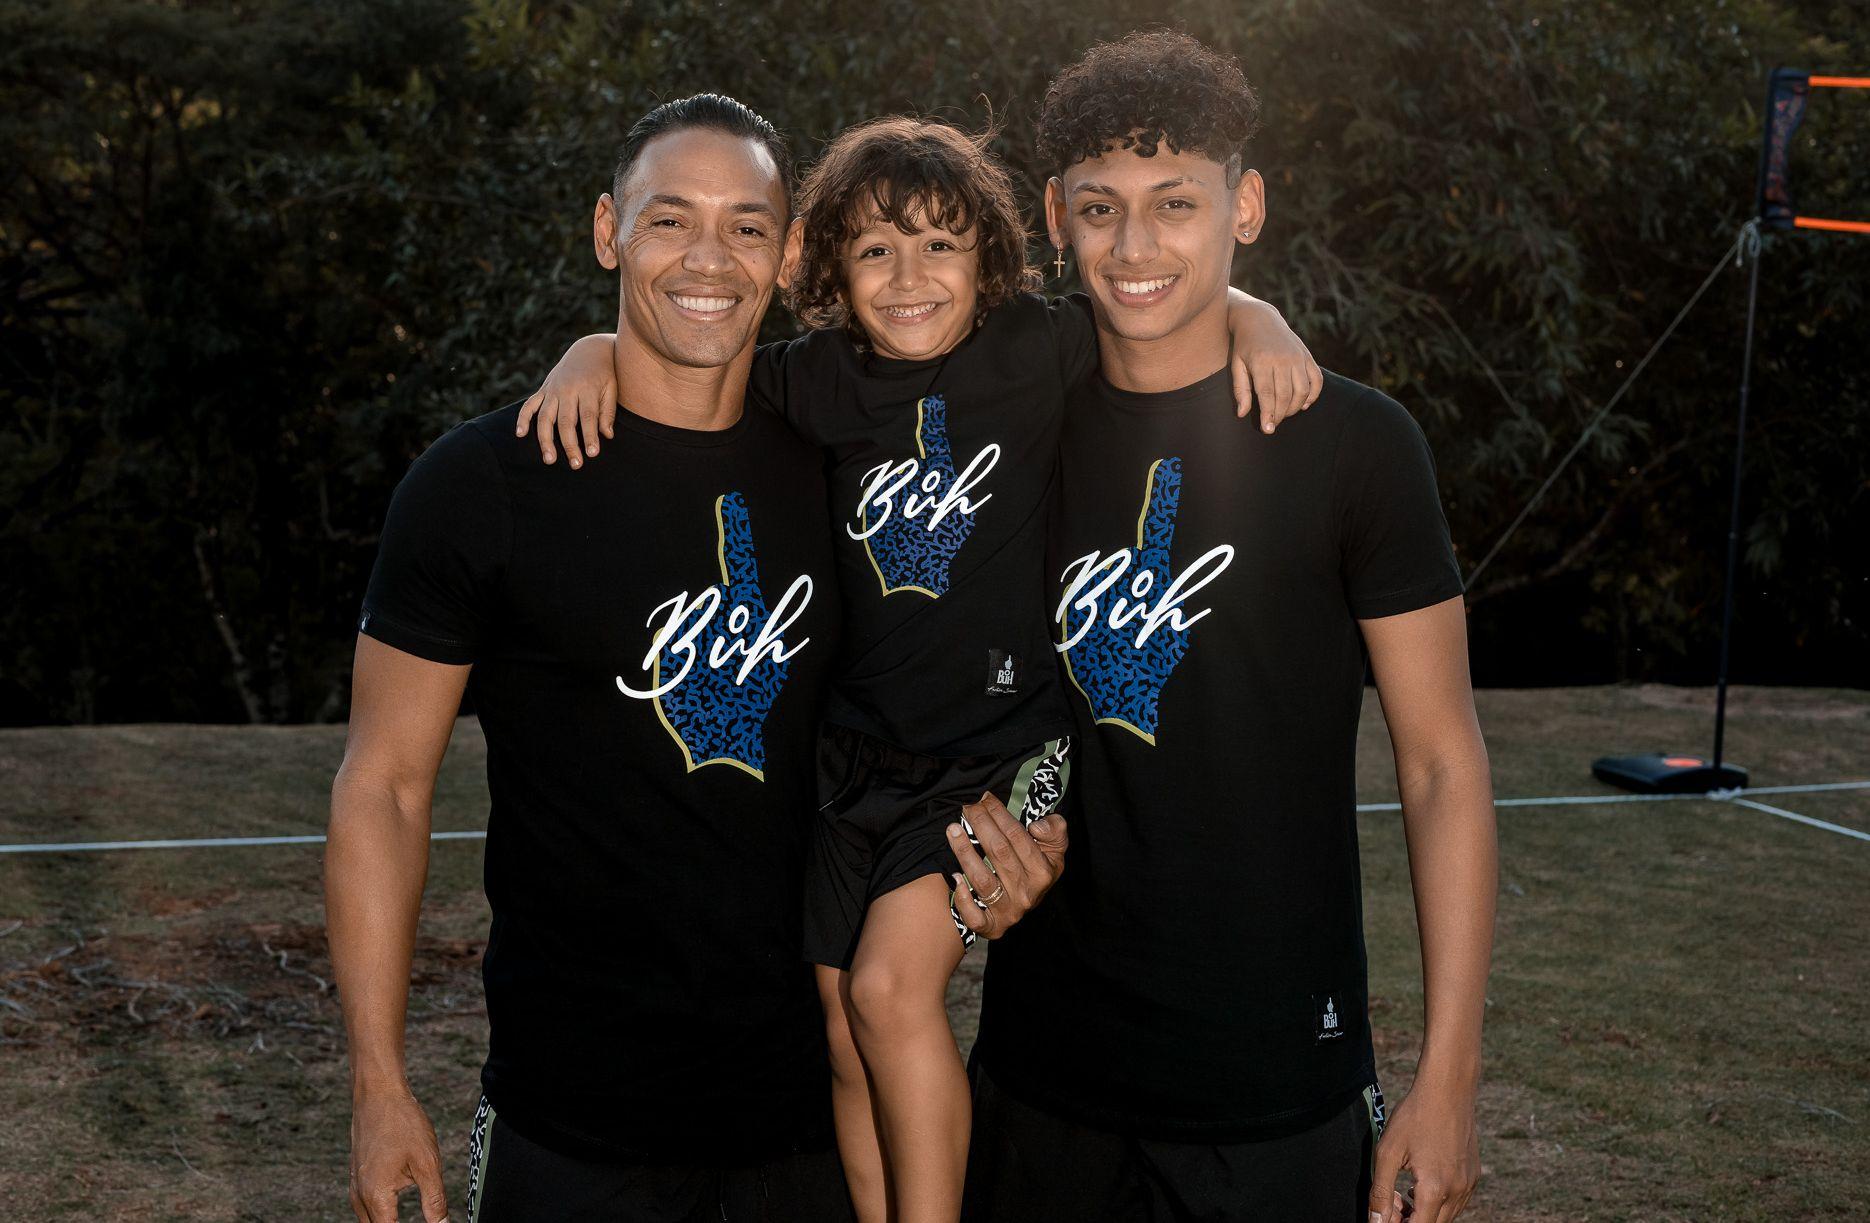 Jogador Ricardo Oliveira, com os filhos Guilherme e Antony - Foto: Mahfilms - @mah.films